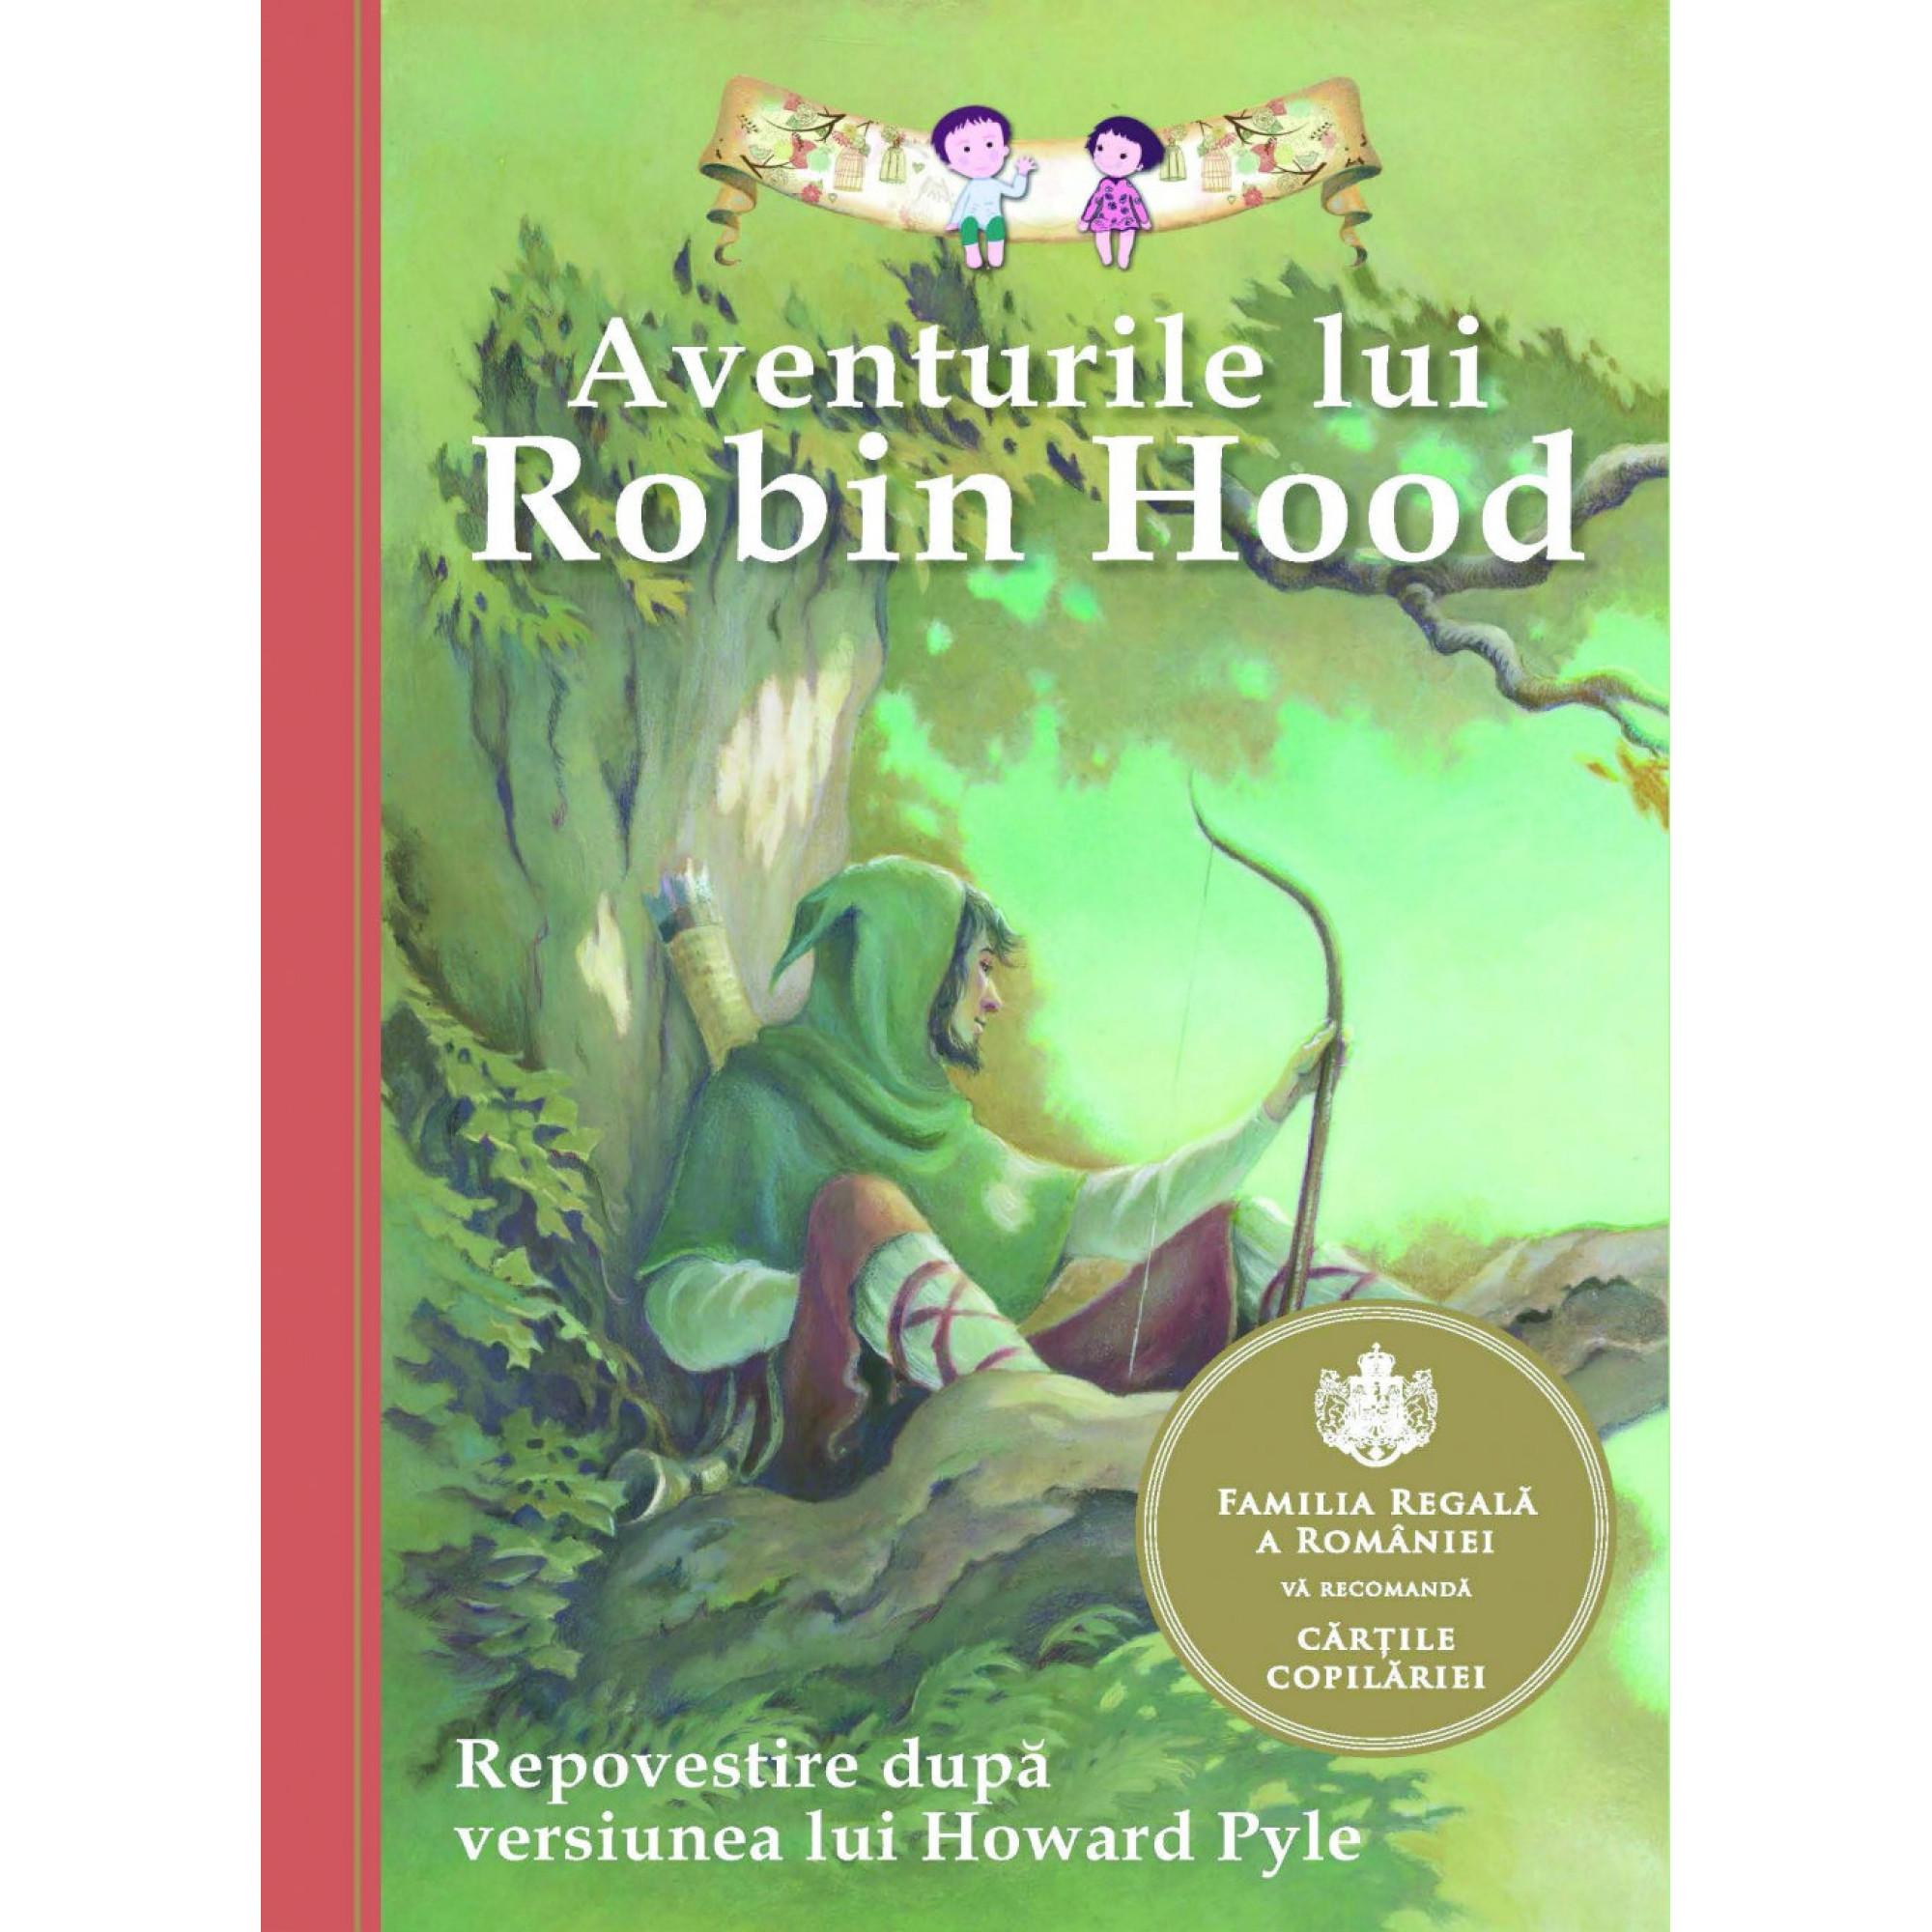 Aventurile lui Robin Hood. Repovestire după versiunea lui Howard Pyle